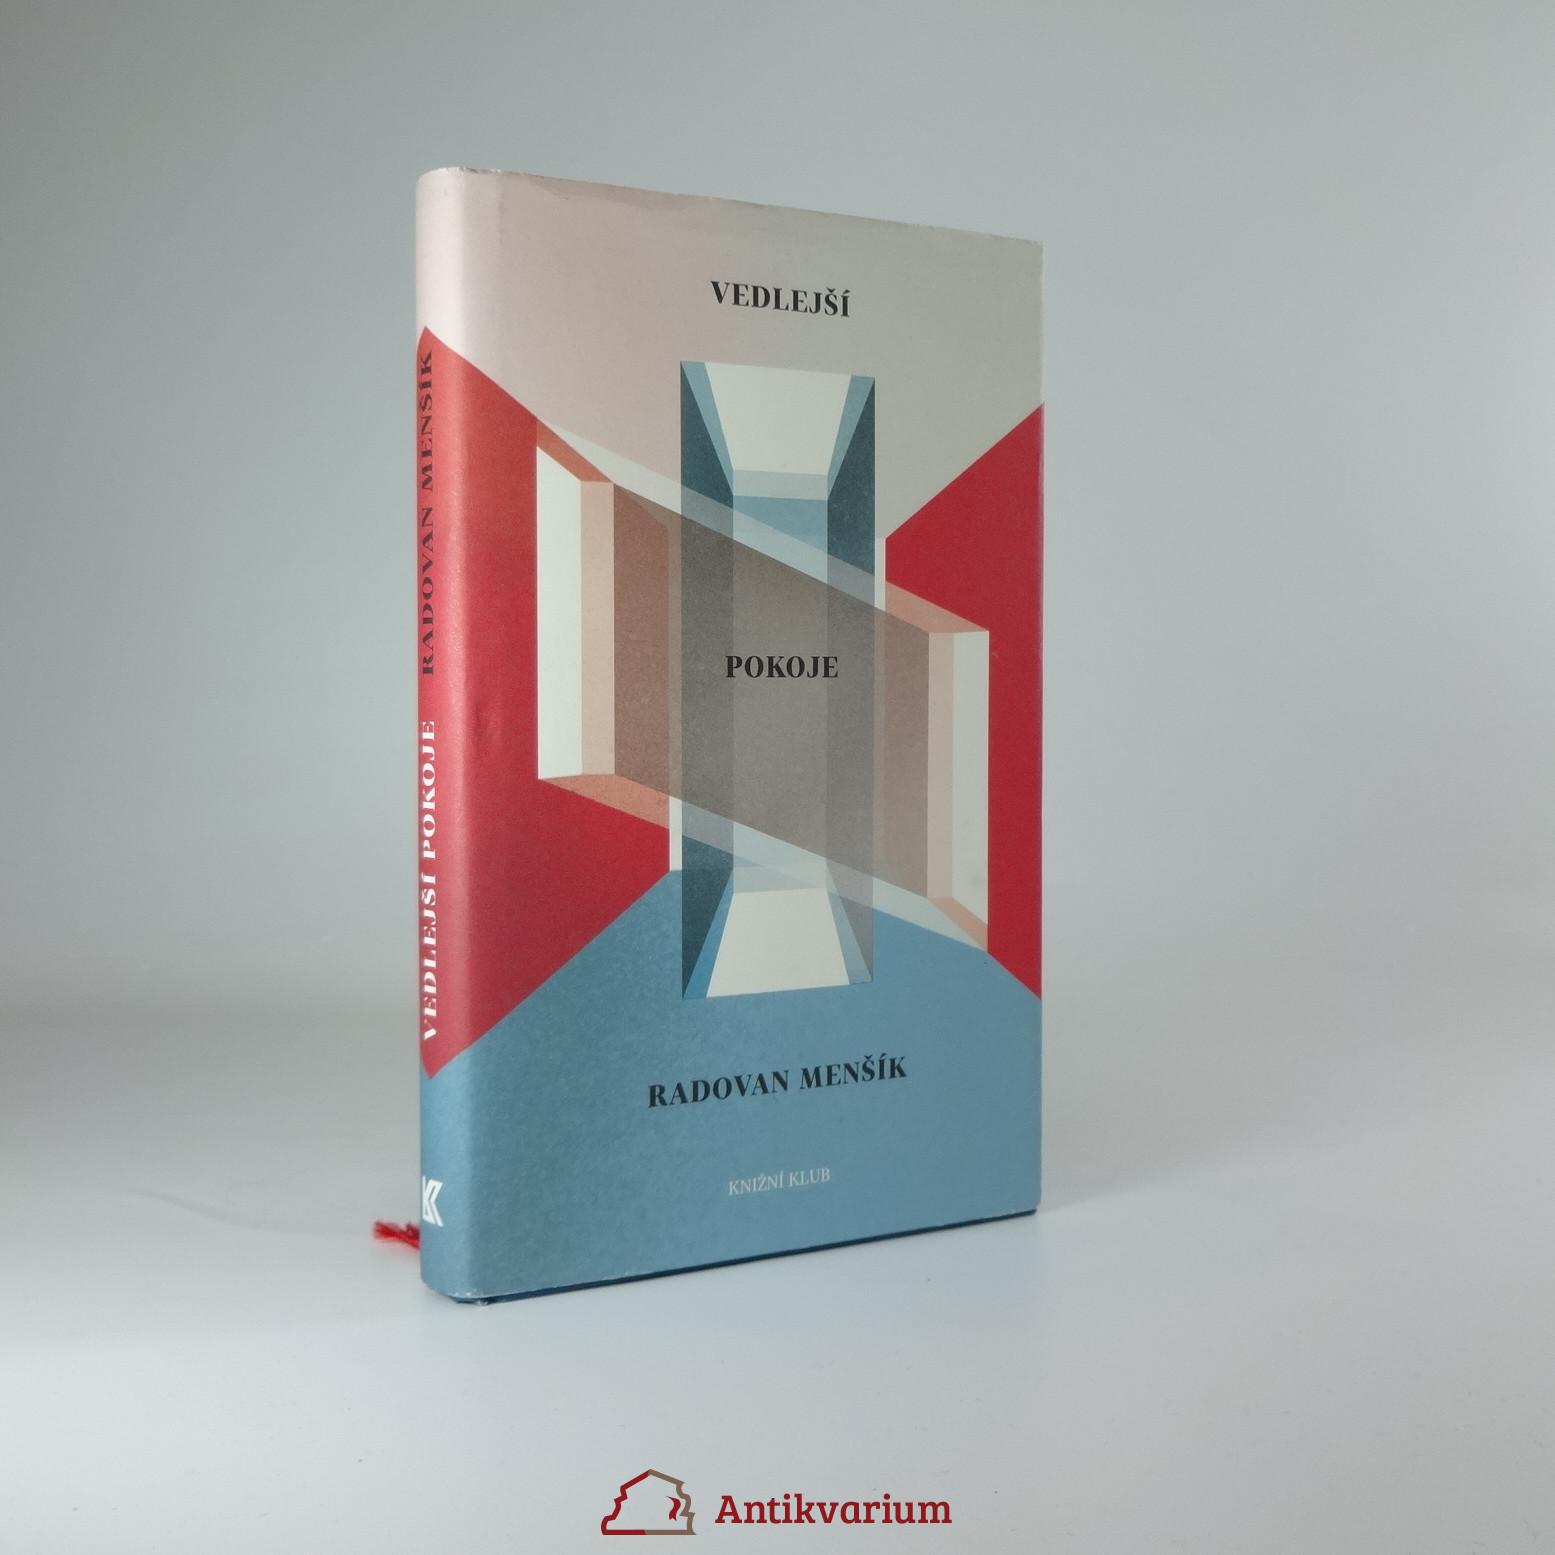 antikvární kniha Vedlejší pokoje, 2015